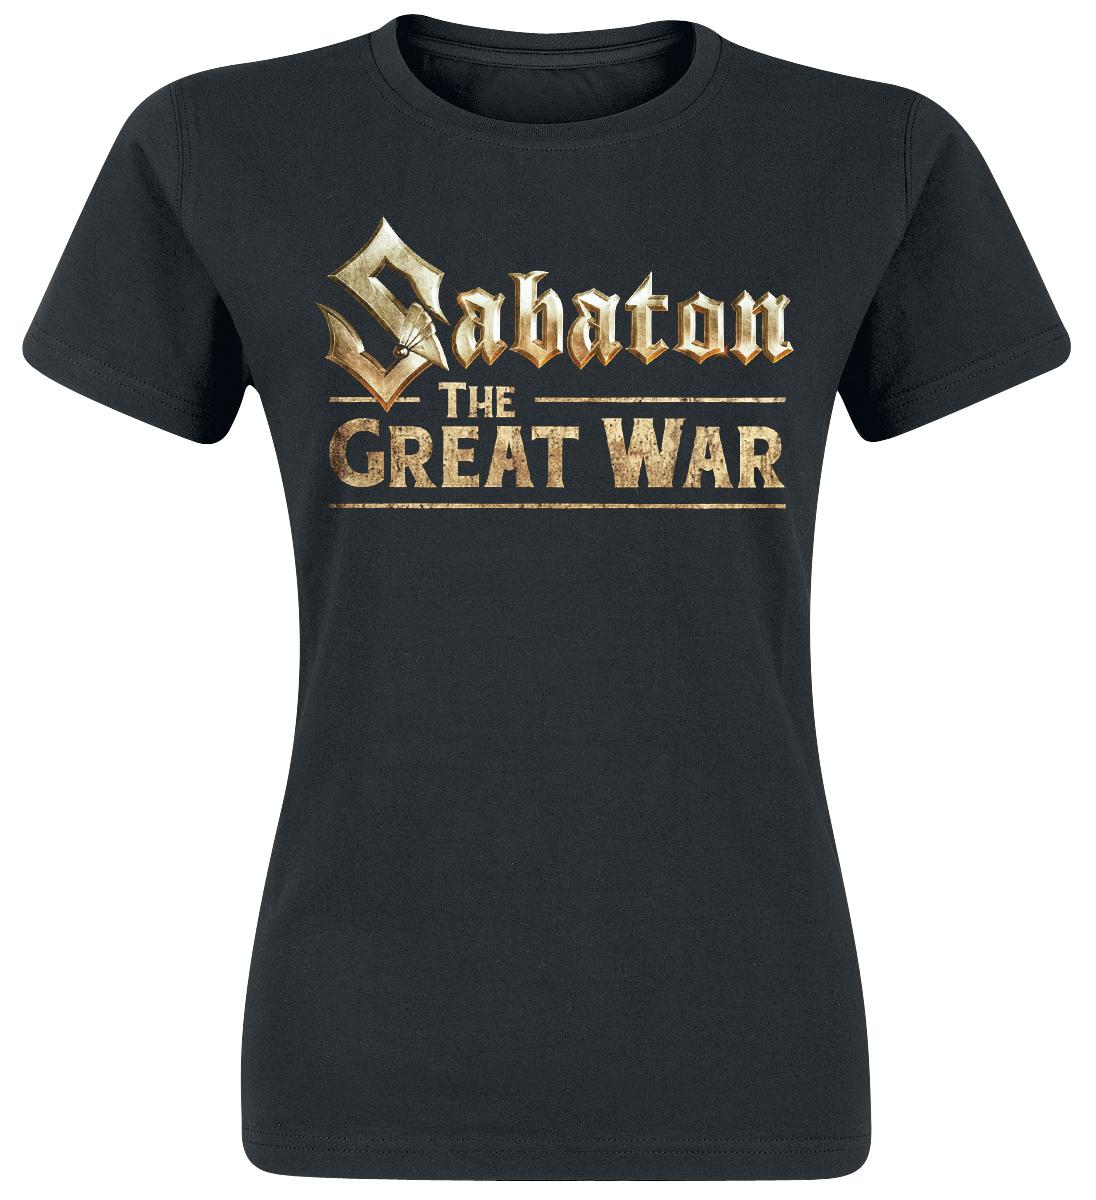 Sabaton - The Great War - Girls shirt - black image